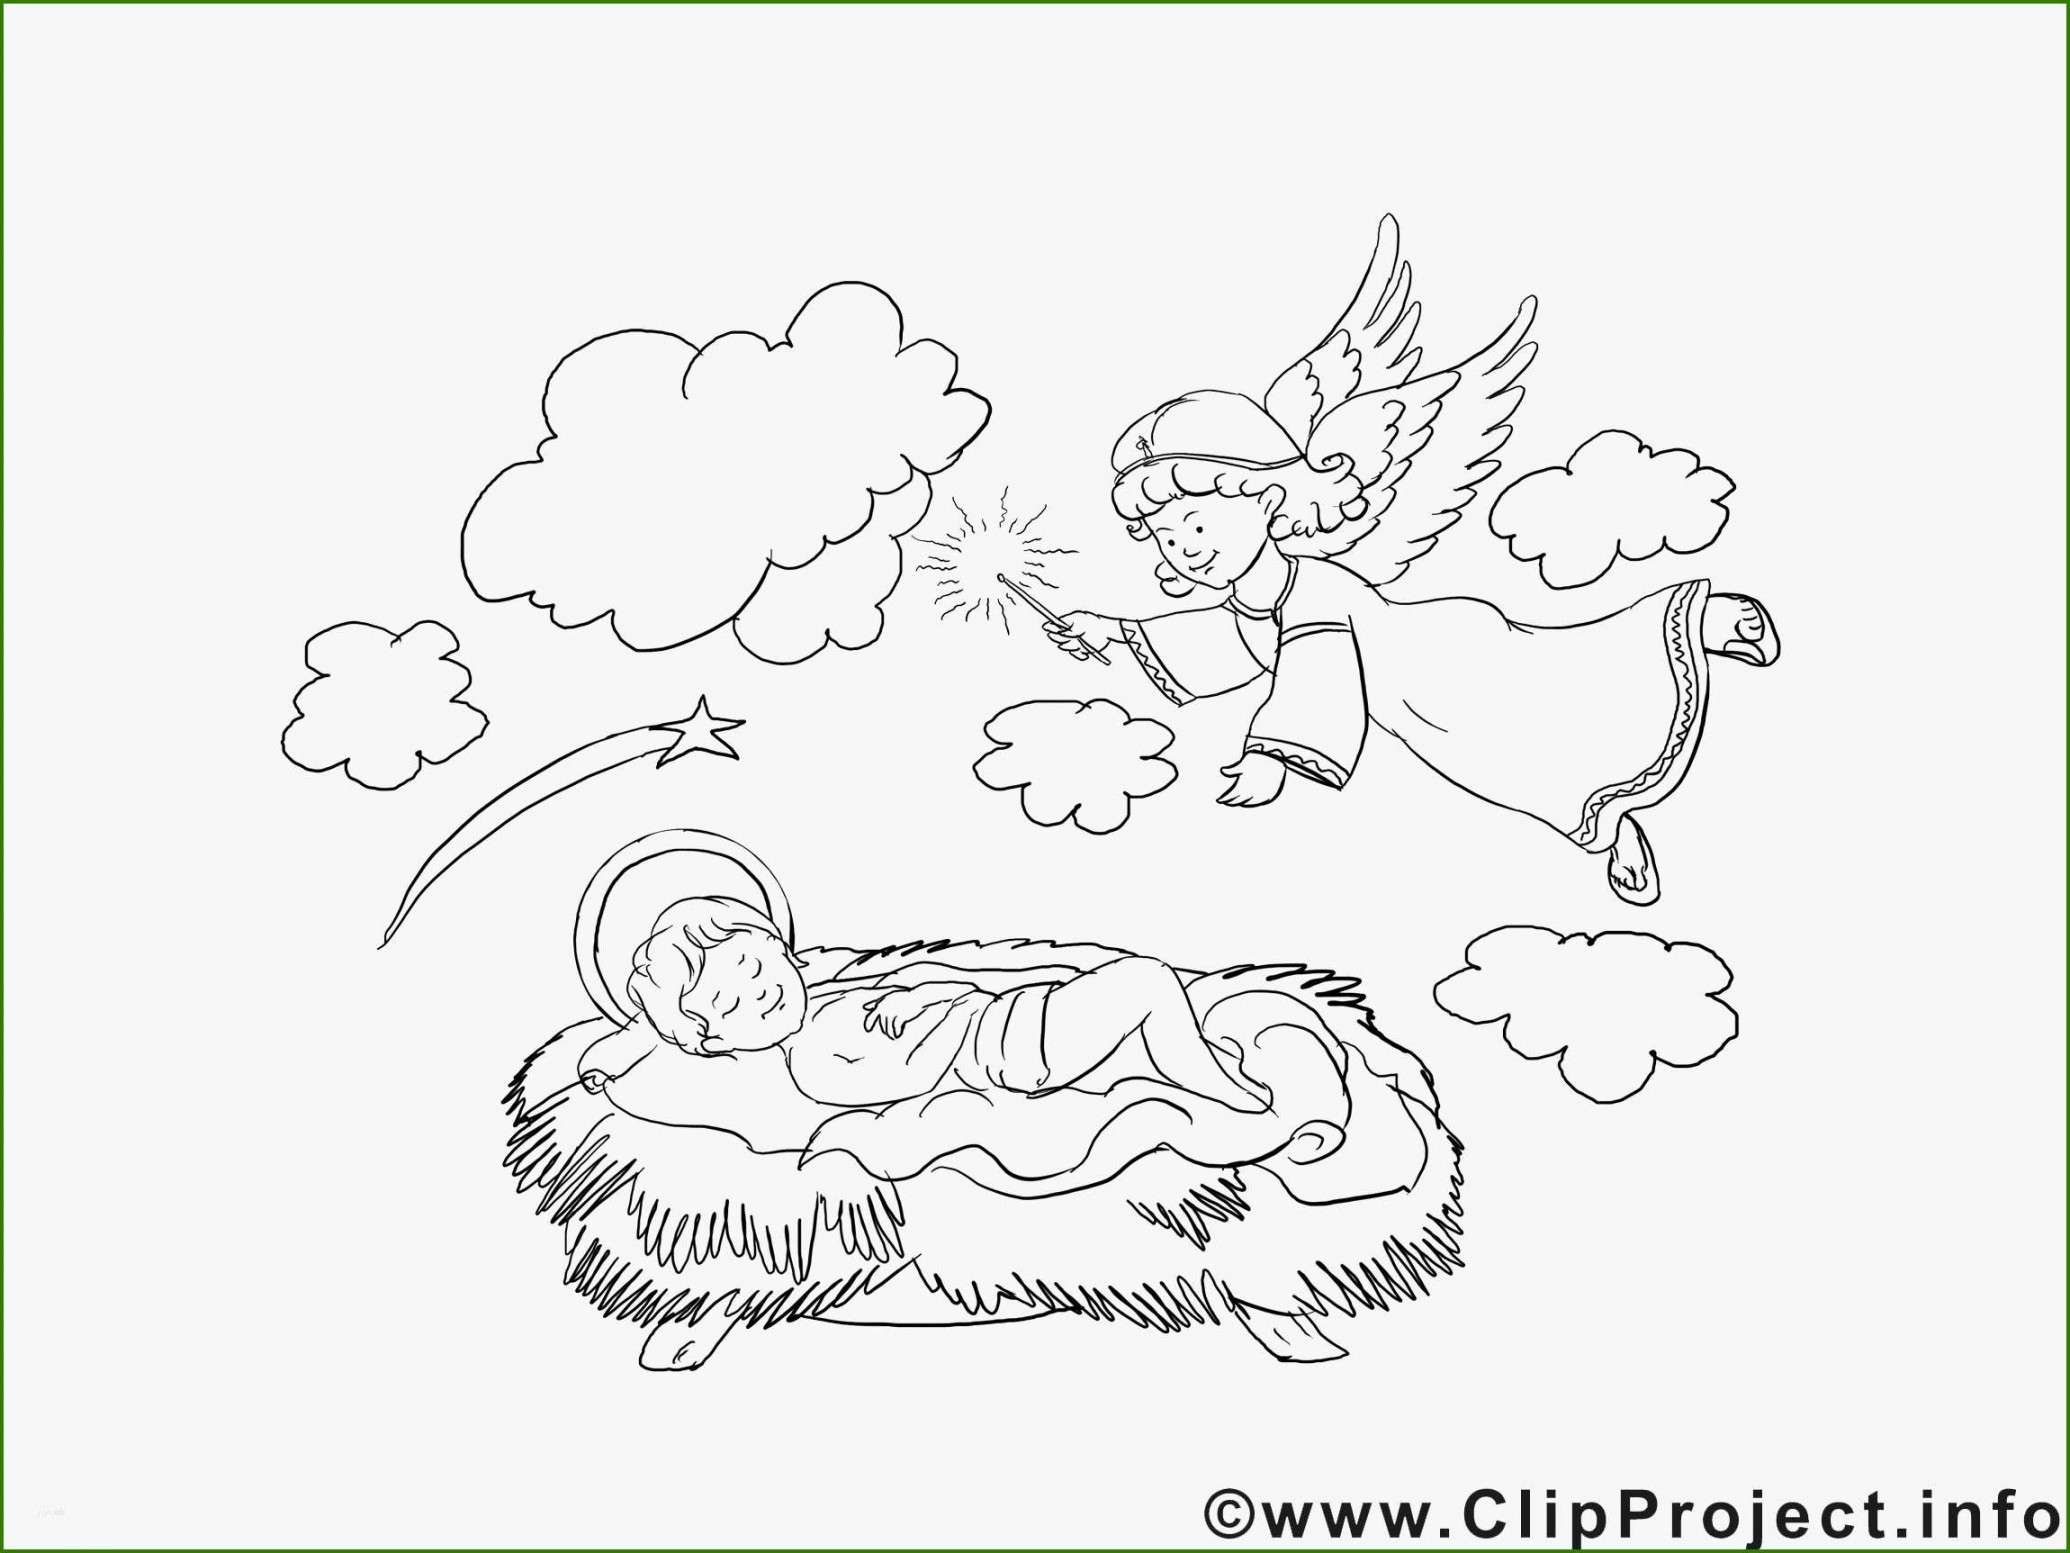 30 Engel Bilder Zum Ausdrucken Kostenlos - Besten Bilder Von bei Engelvorlagen